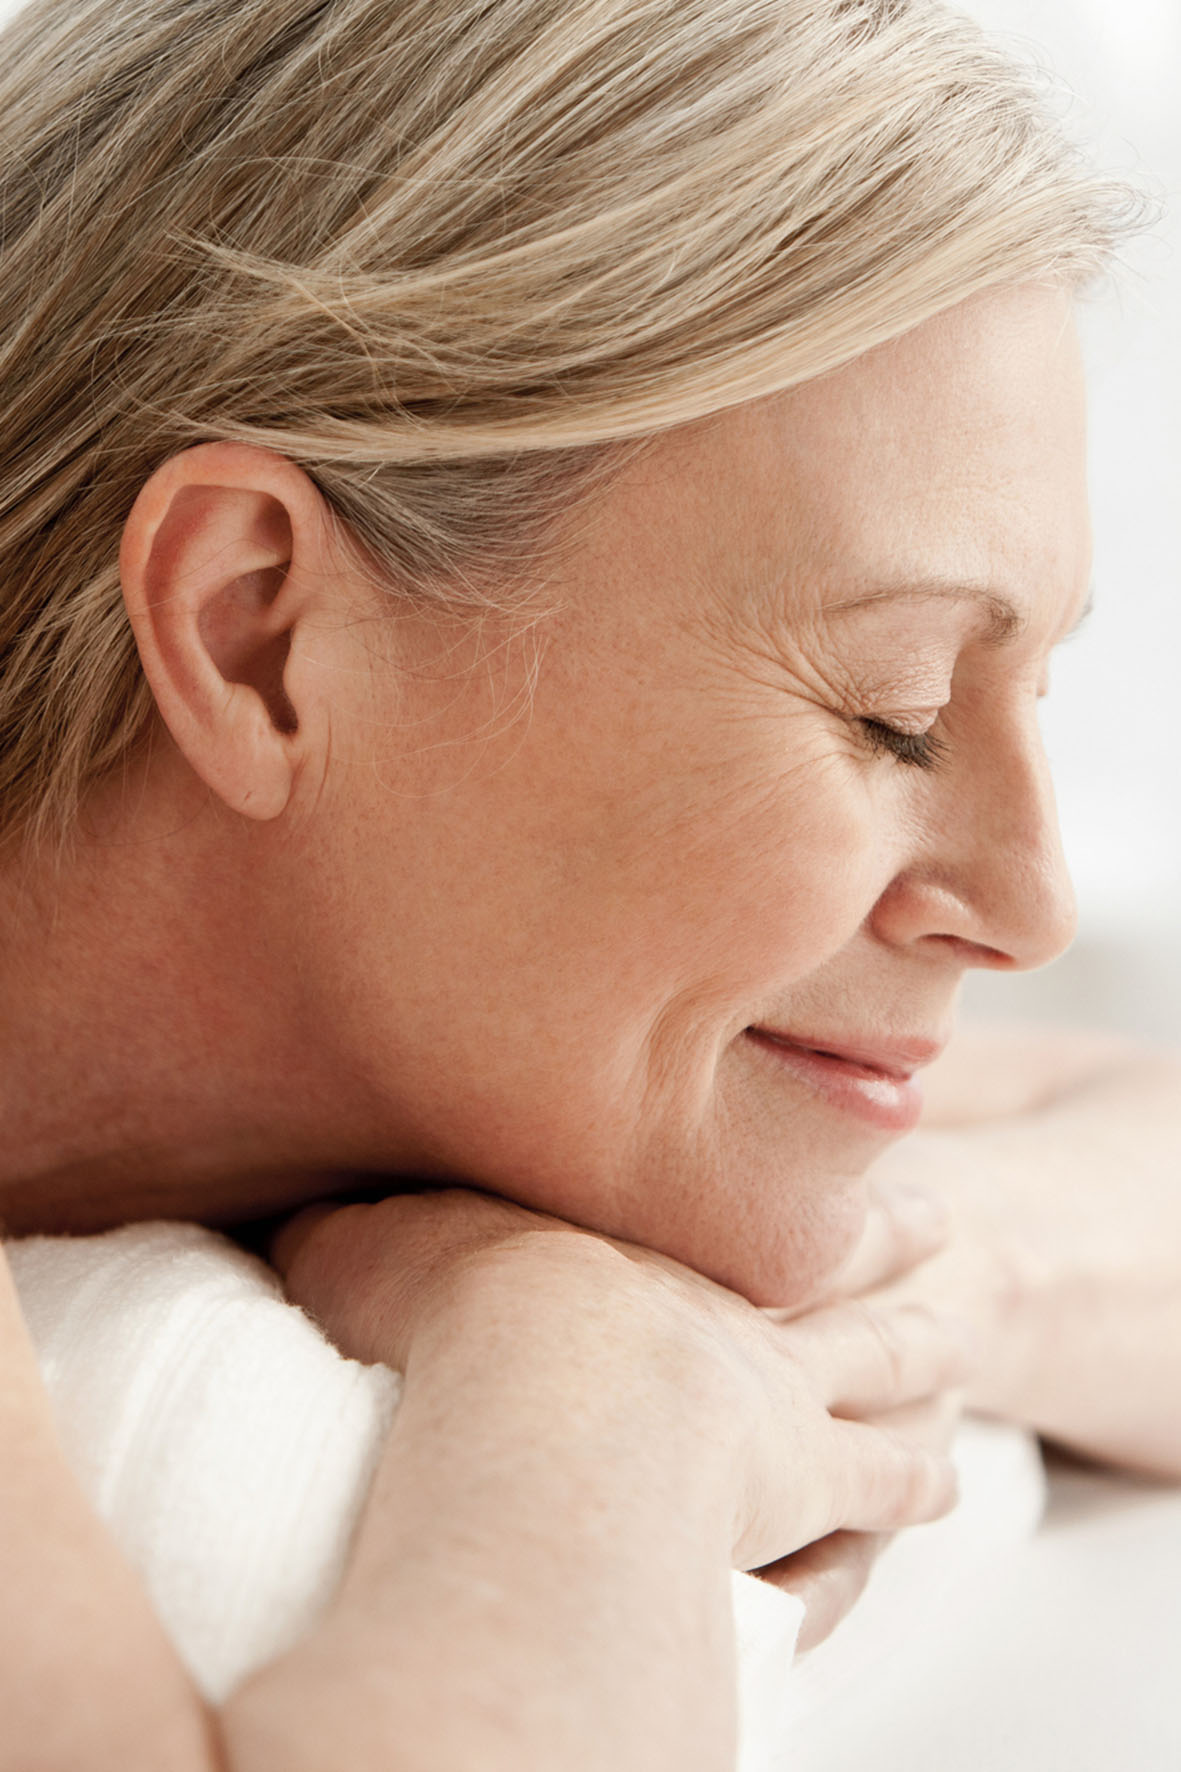 Im Rahmen einer Hormonersatztherapie kann natürliches Progesteron eine erholsame Nachtruhe fördern.